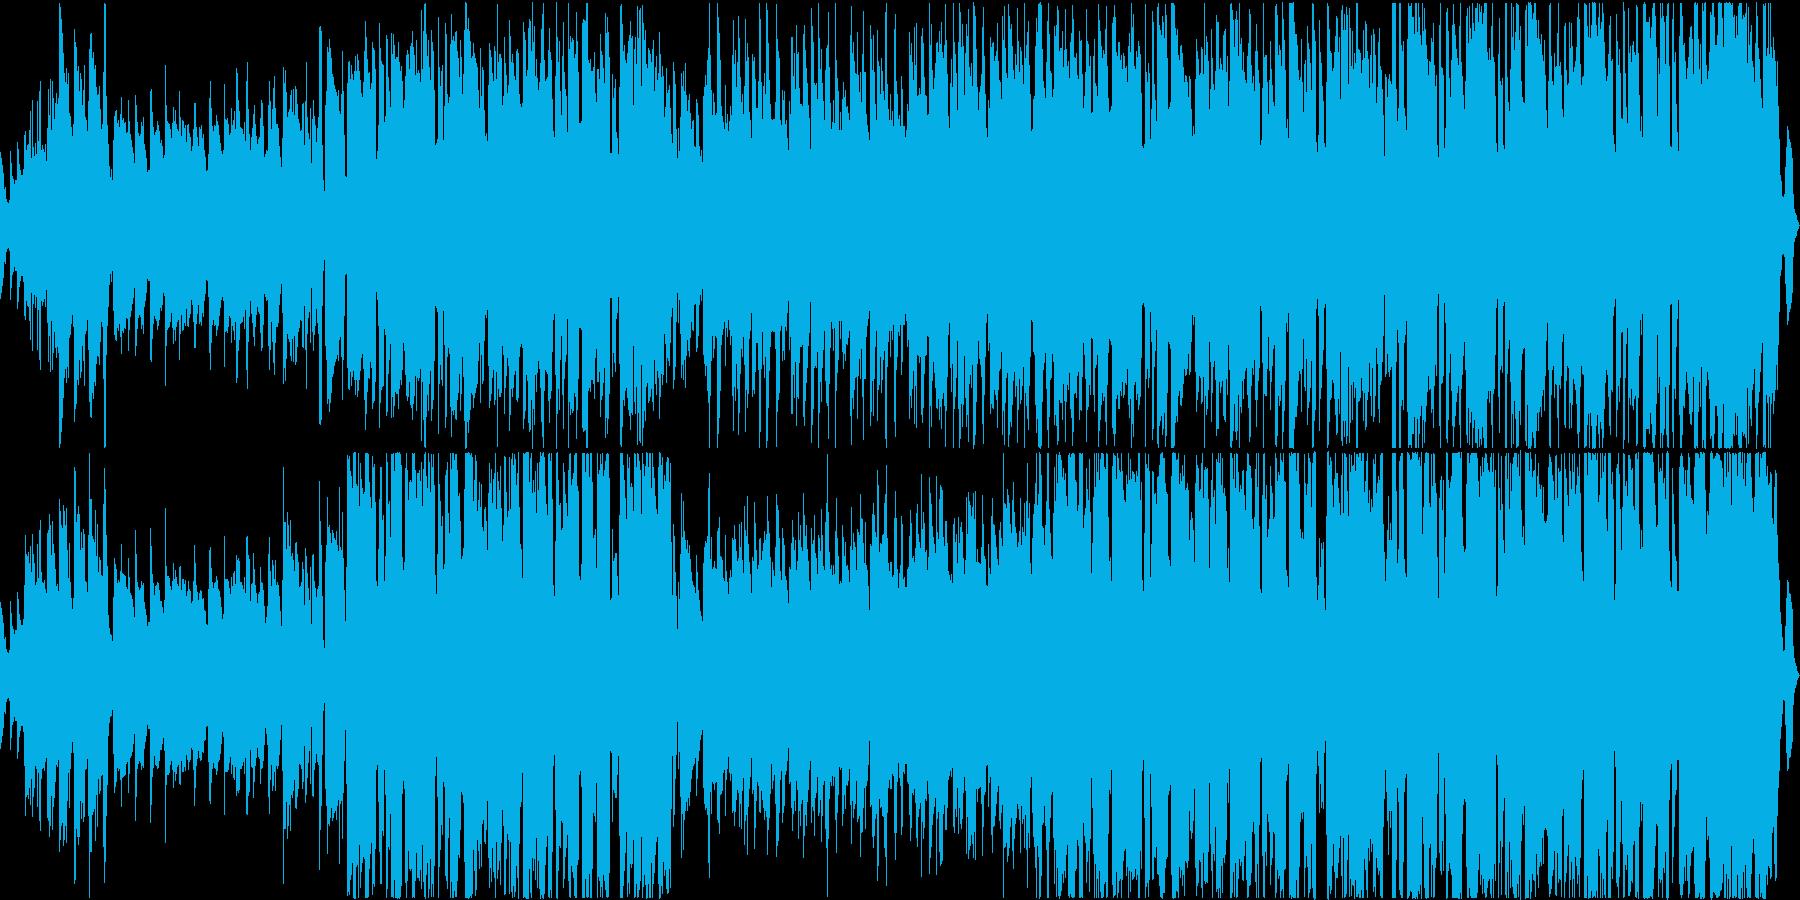 ギターメロディのノリノリのジャズの再生済みの波形